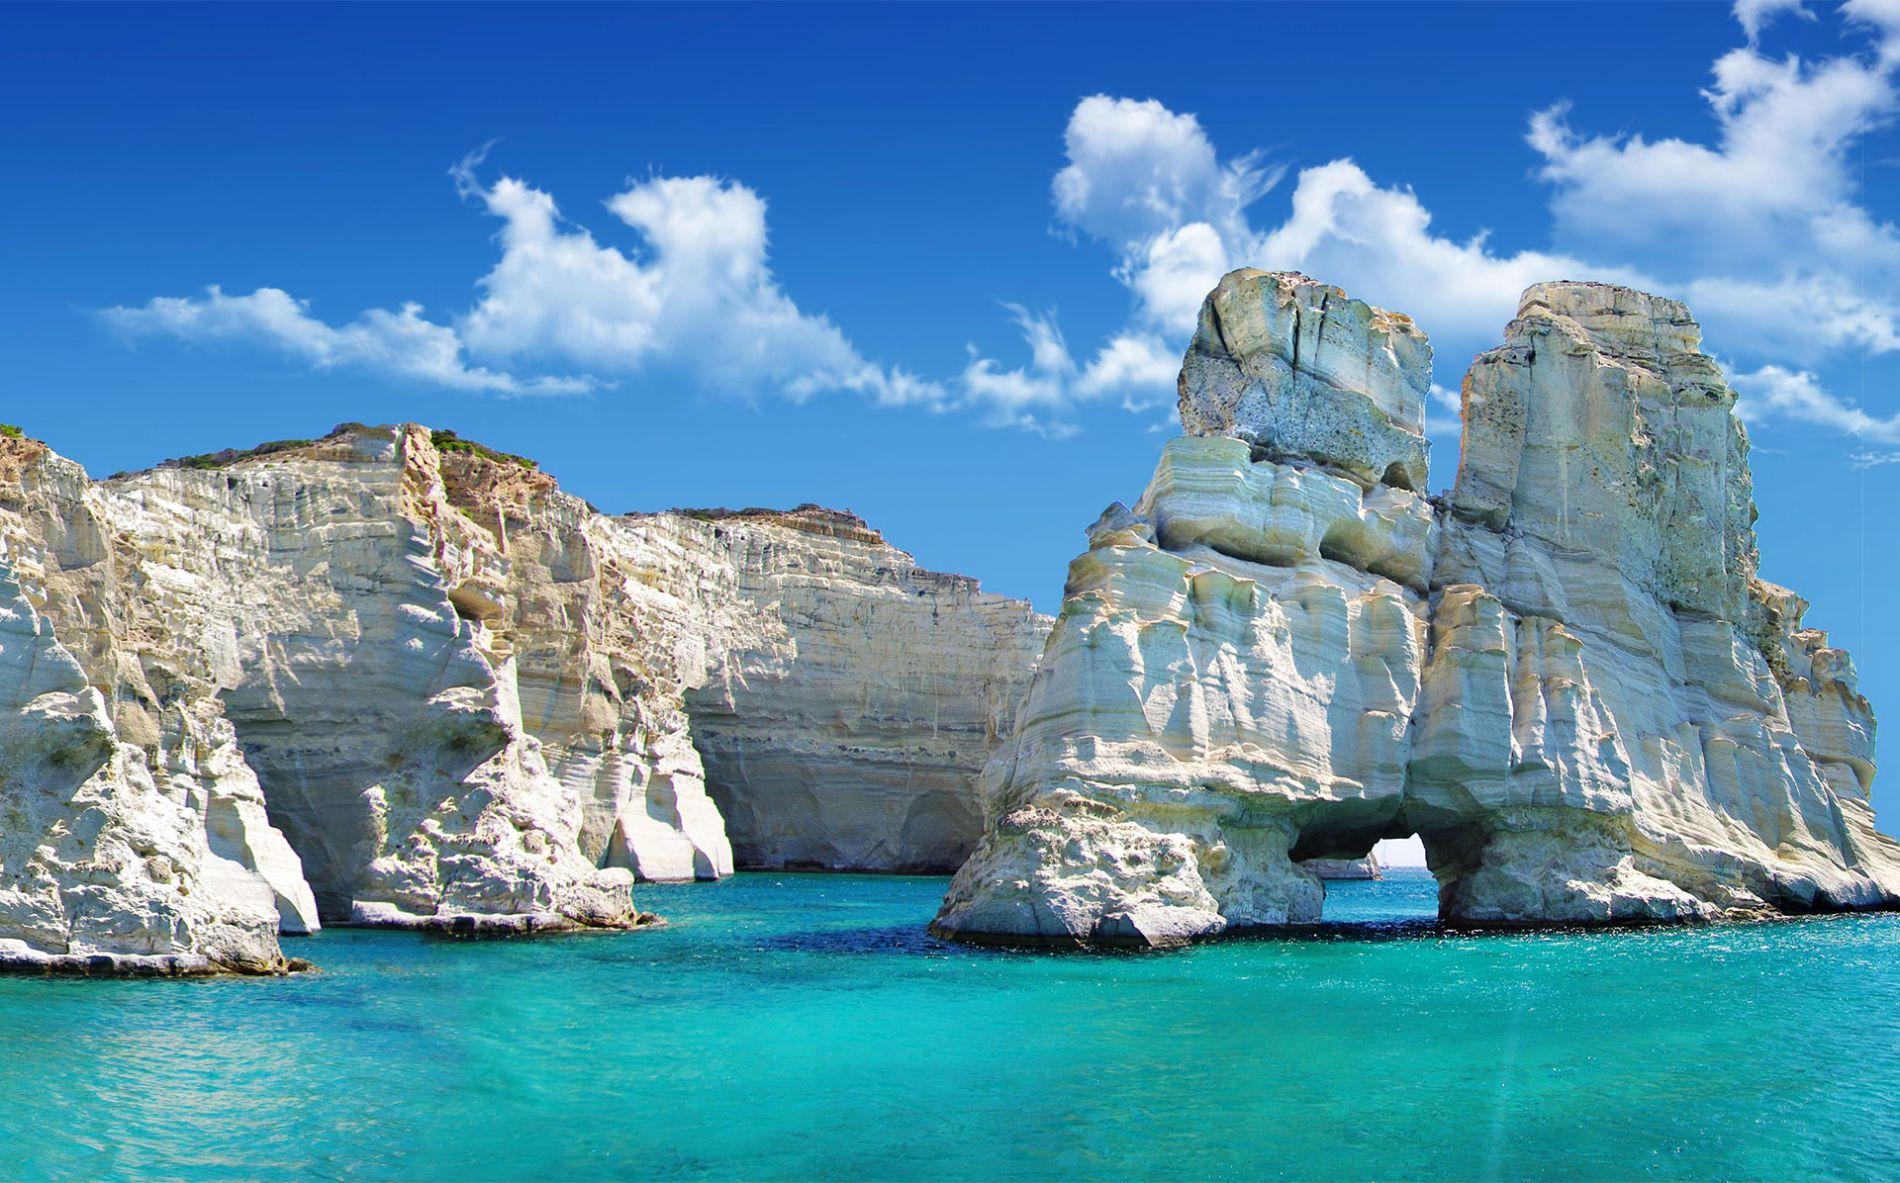 этом красивые места в греции фото с названиями и описанием судья своего отца